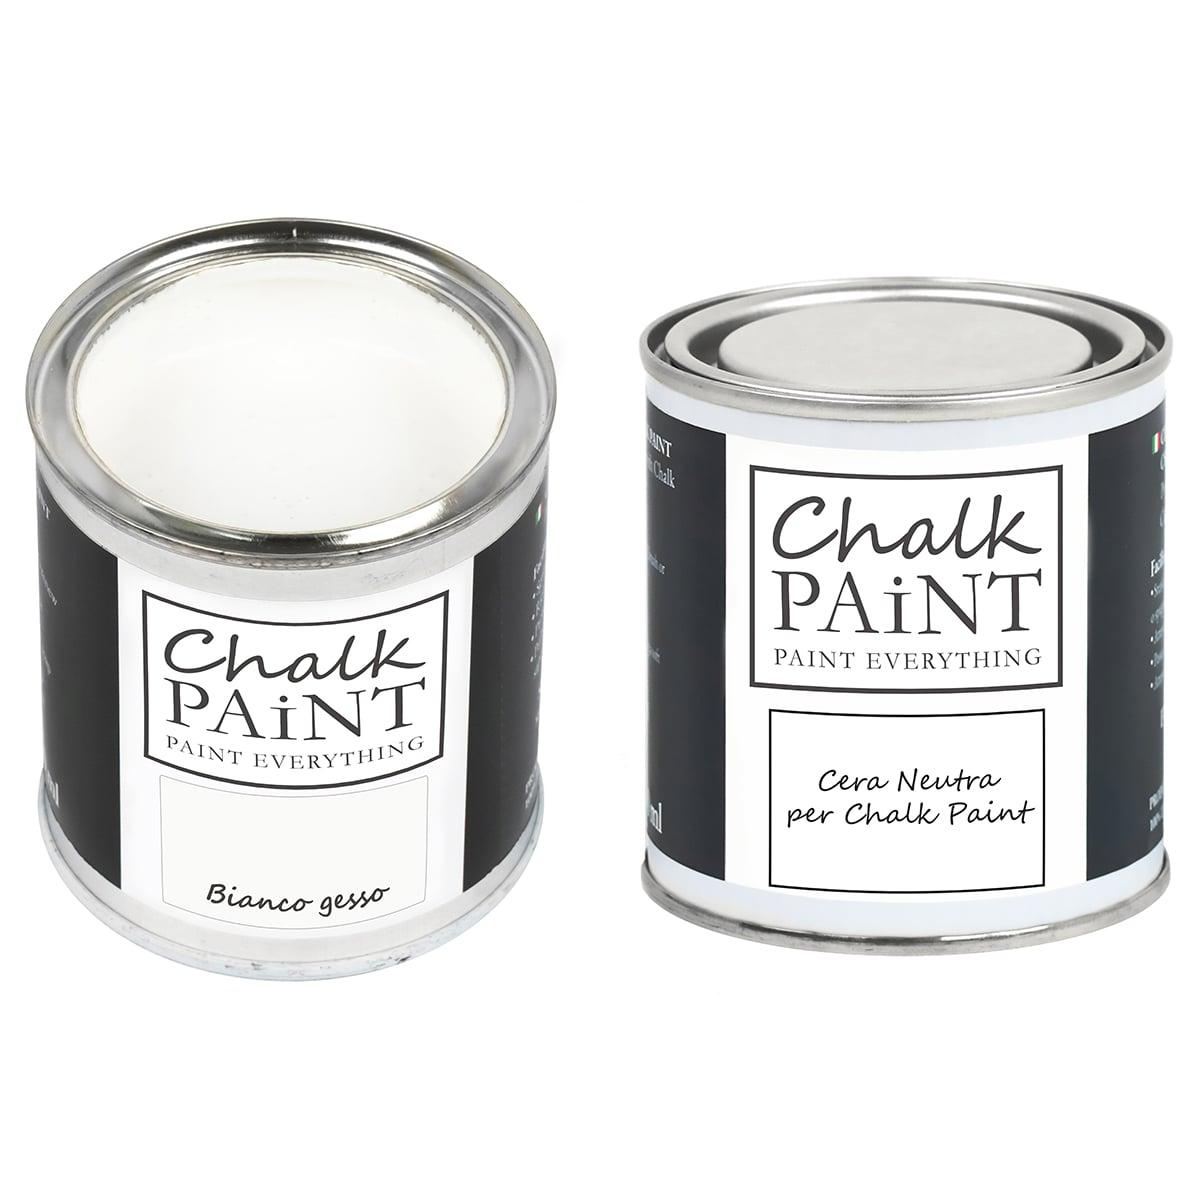 Bianco gesso Chalk paint e cera in offerta decora facile con paint magic